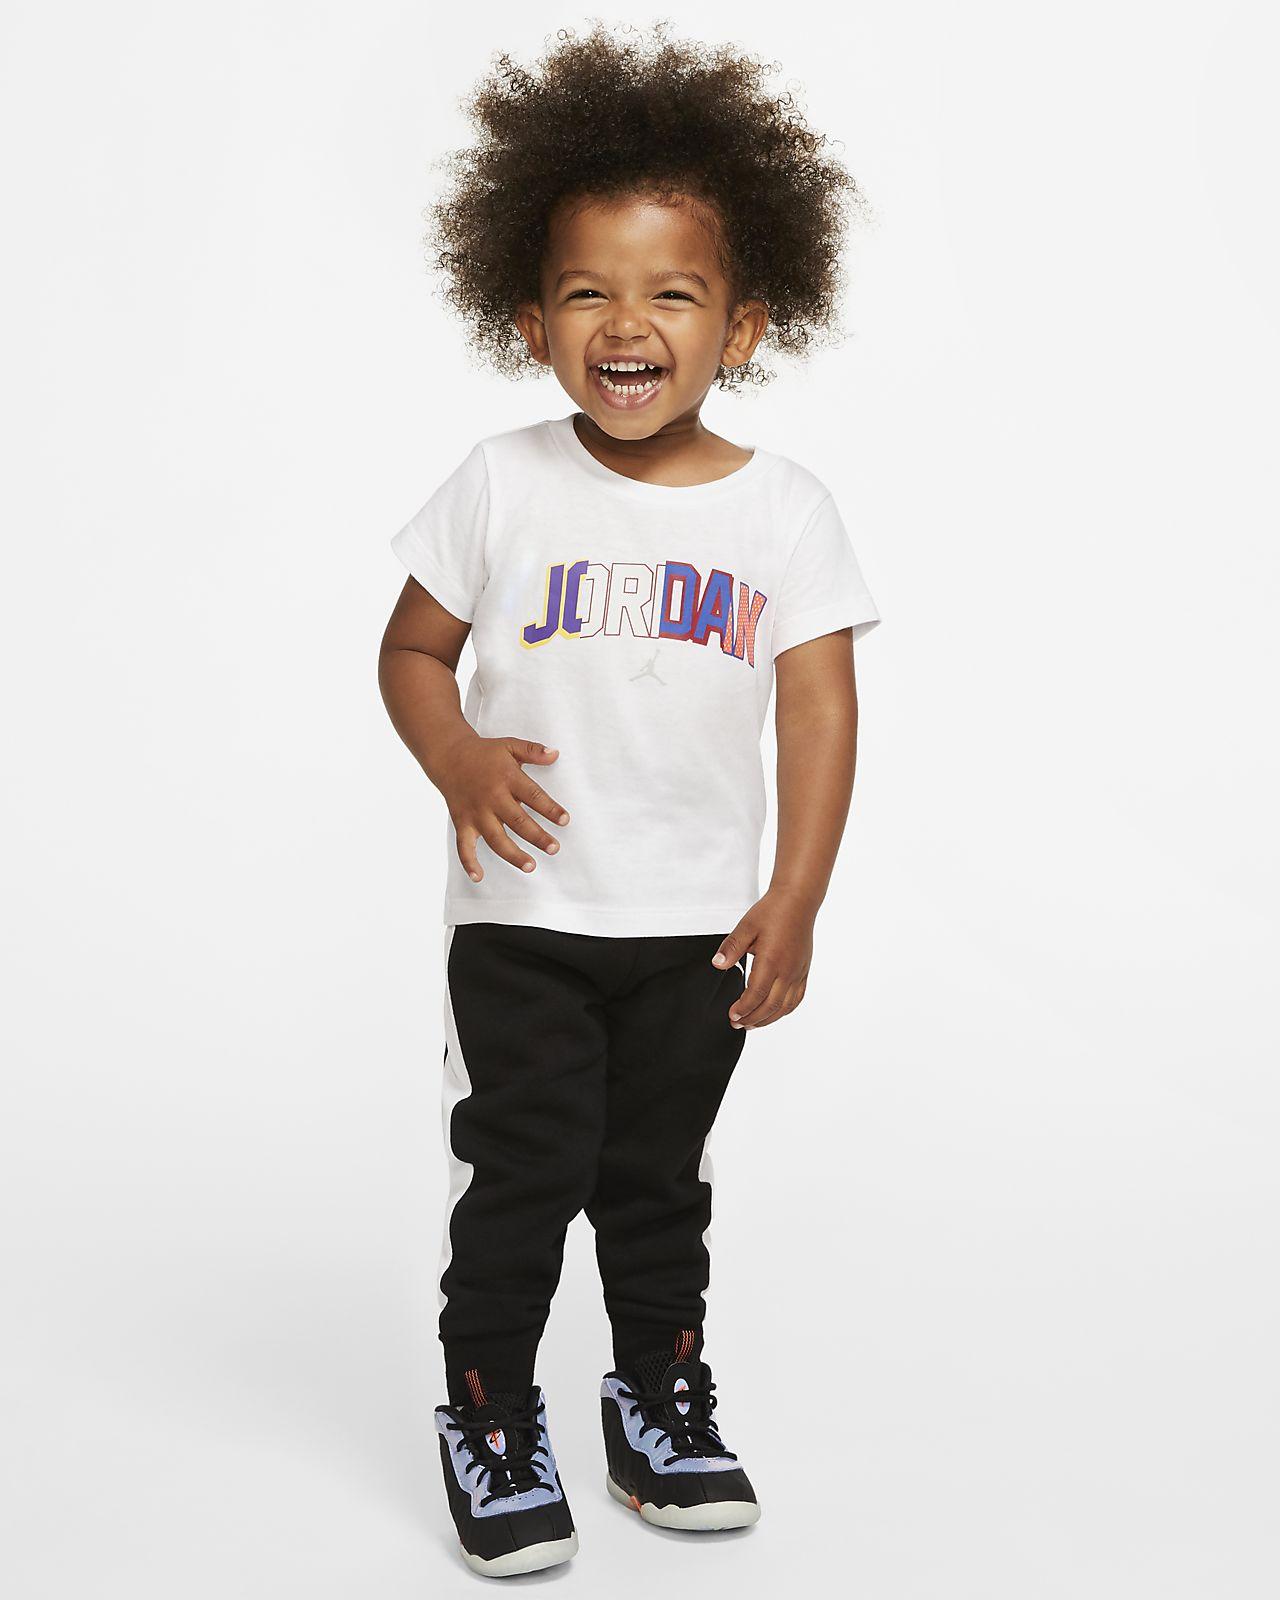 Jordan Baby T-Shirt and Joggers 2-Piece Set